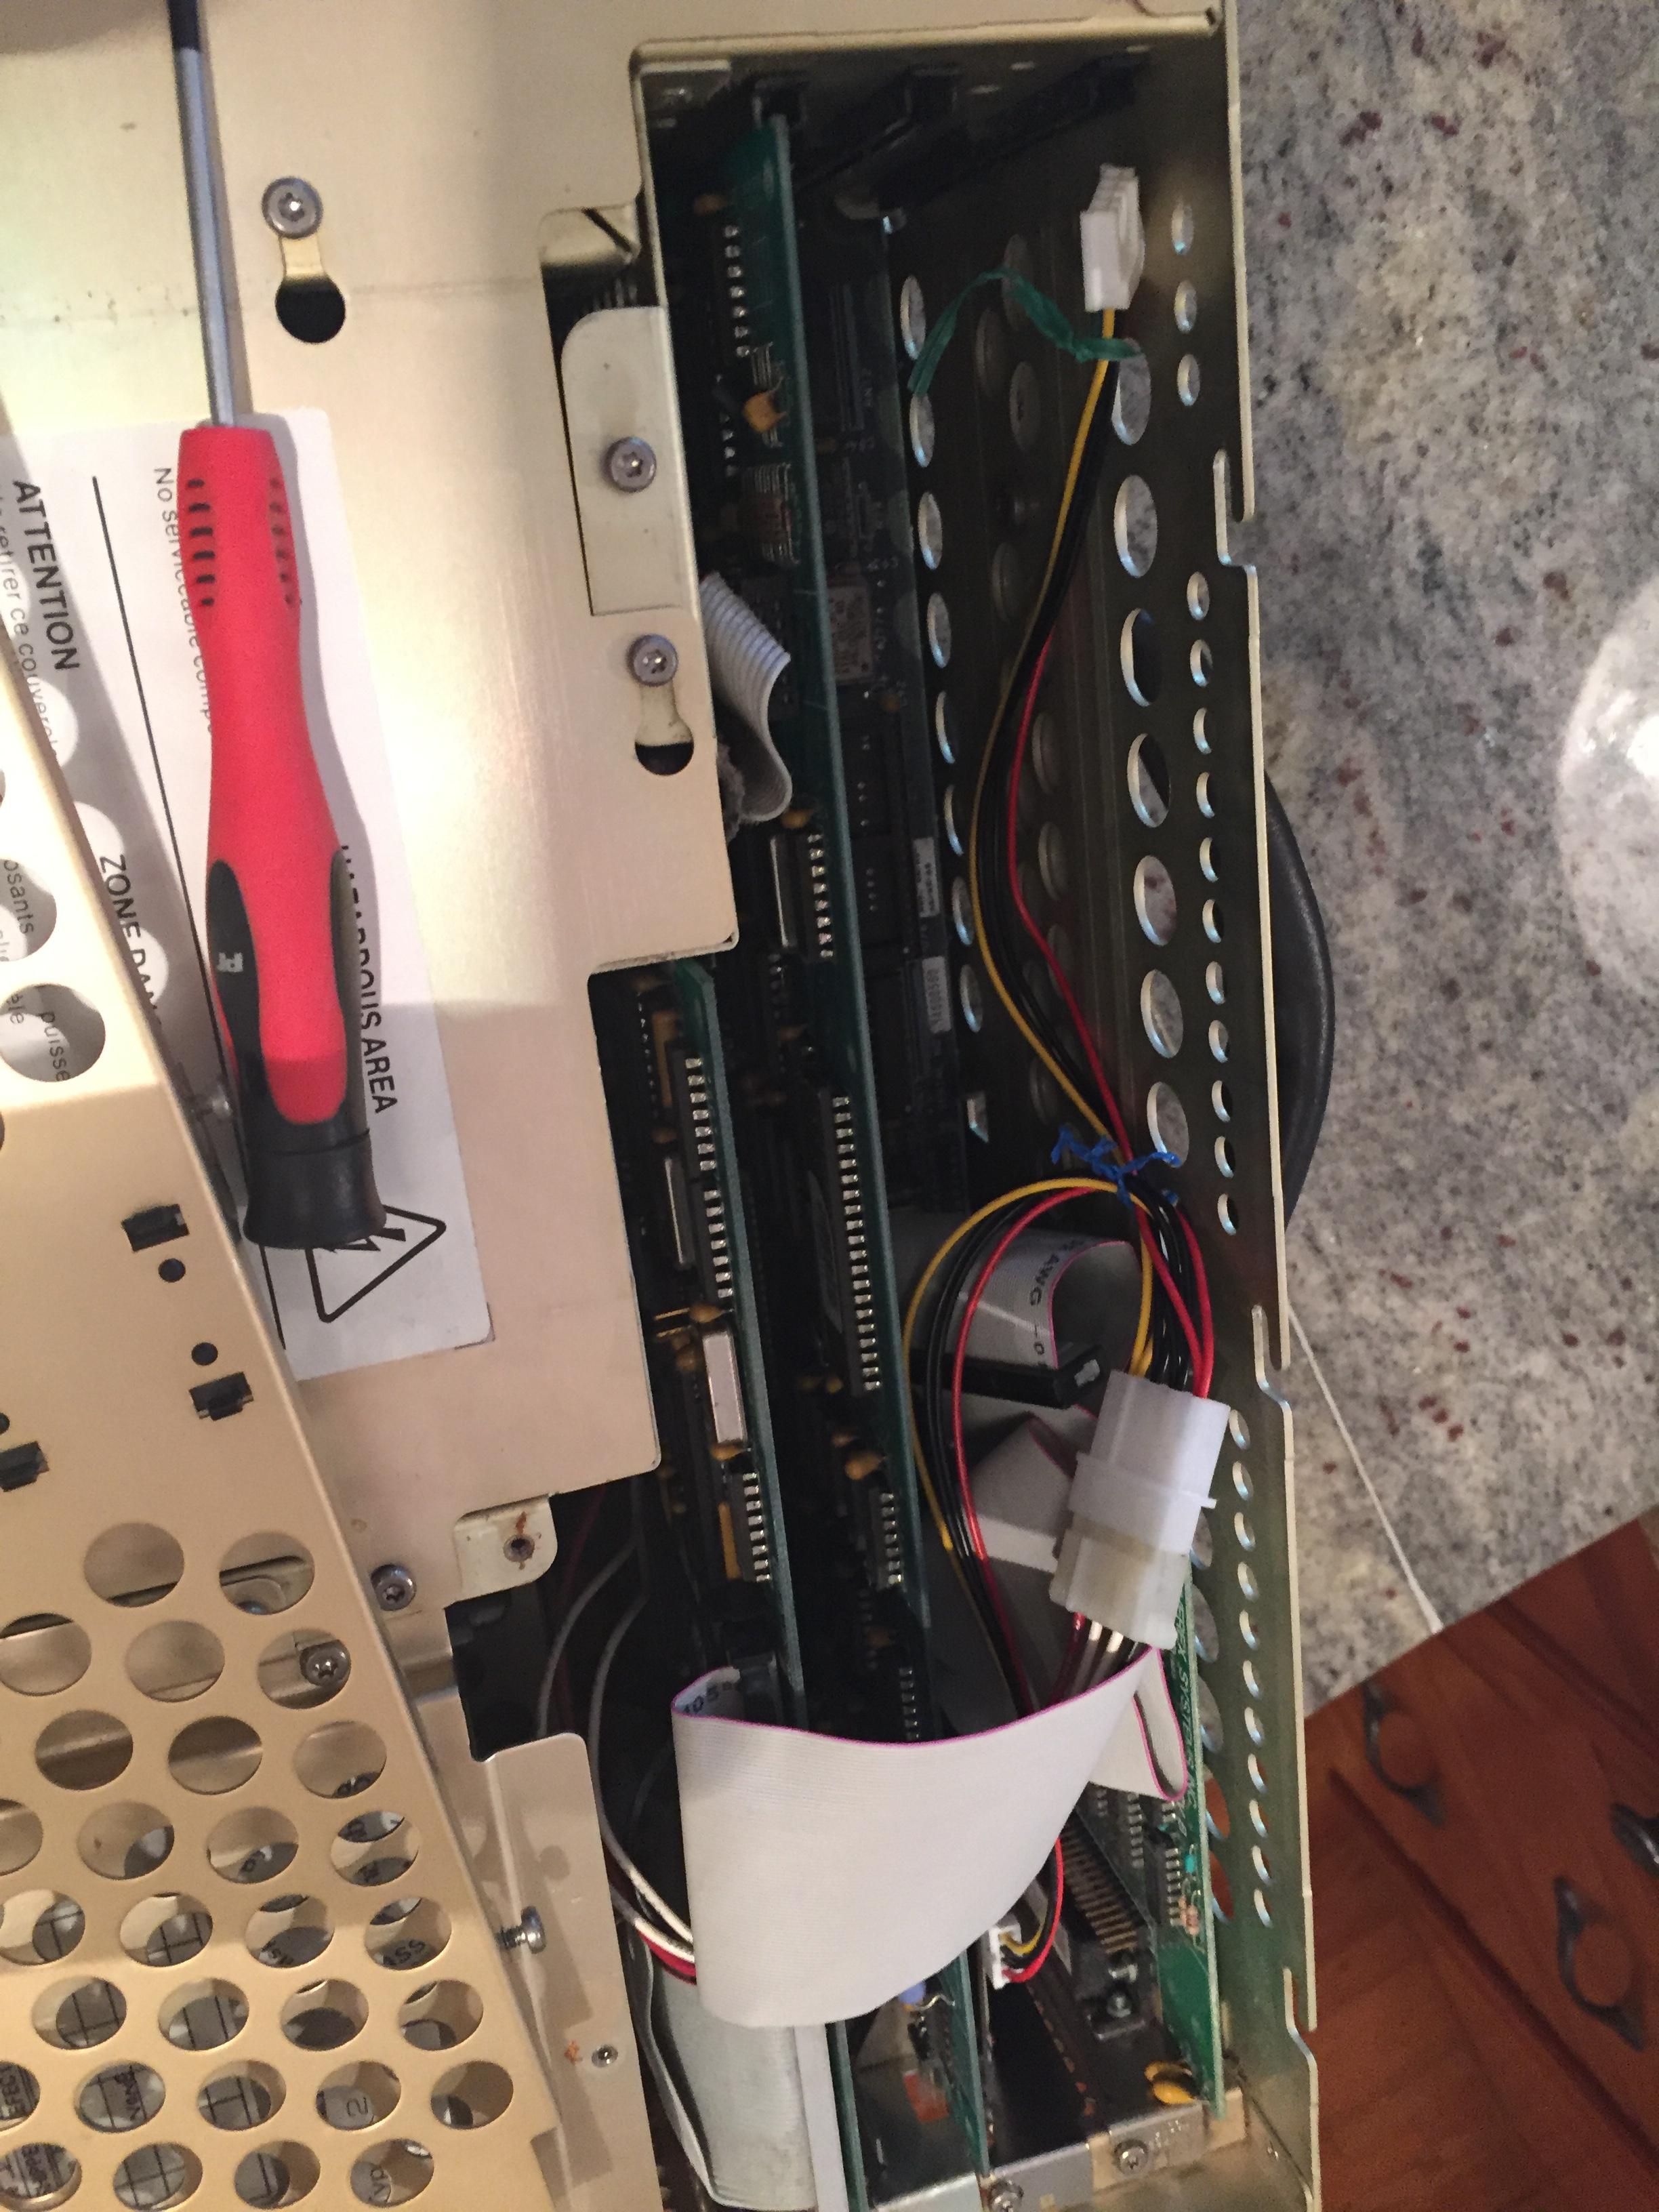 Restoring A 1987 Compaq Portable Ii Buildingtents Pc Wiring Diagram